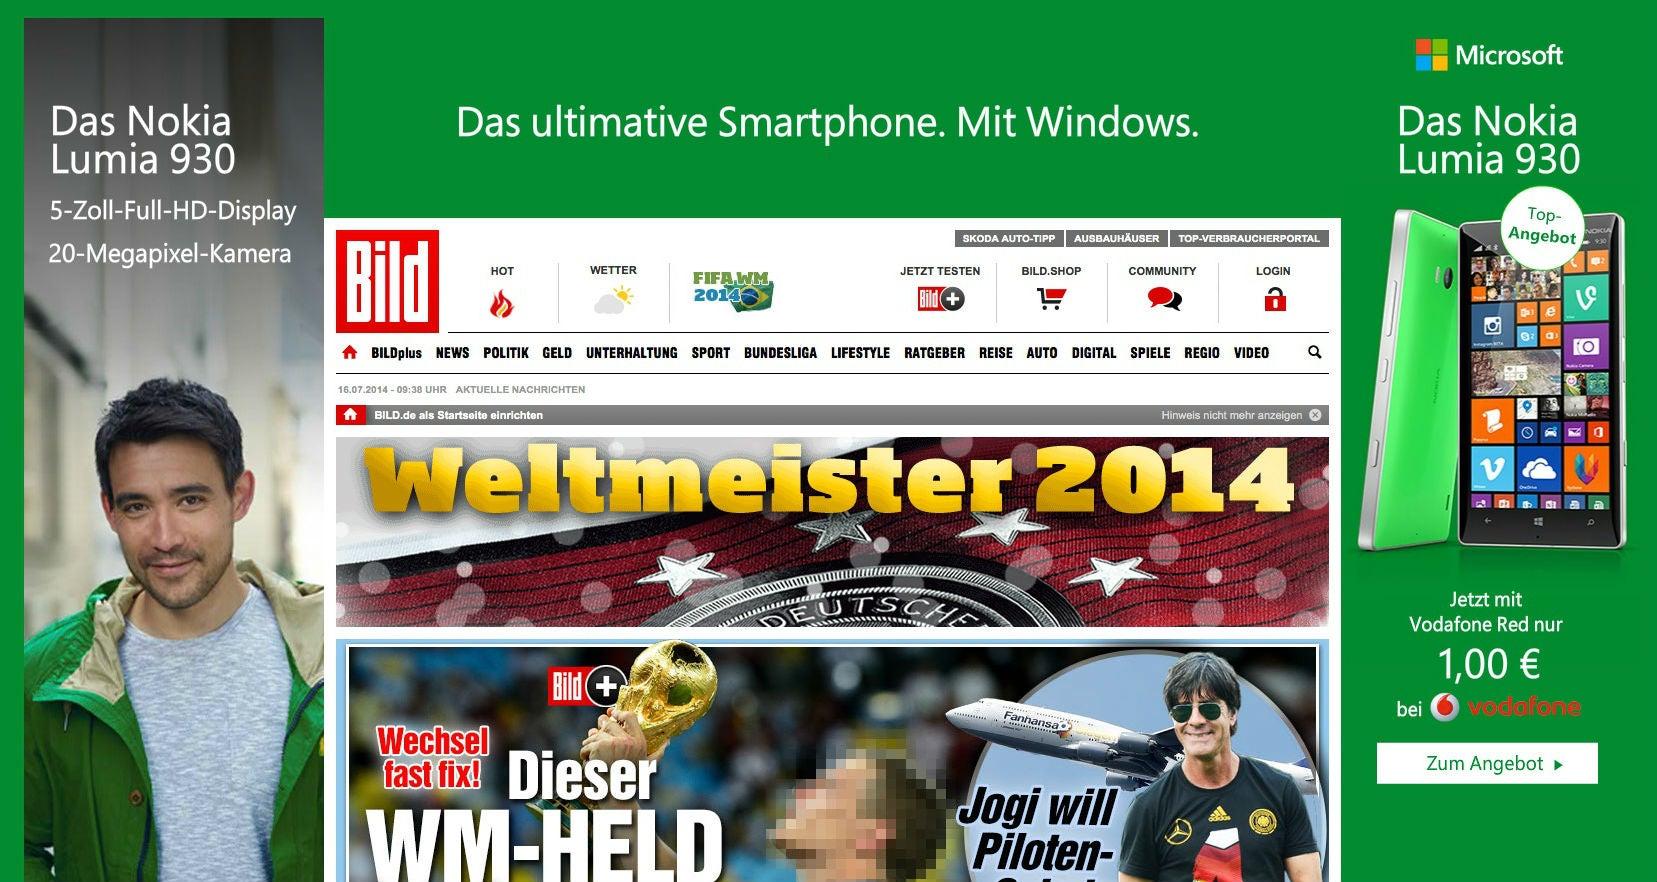 Ungezielte Werbeansprache mit Bannerwerbung (bild.de)